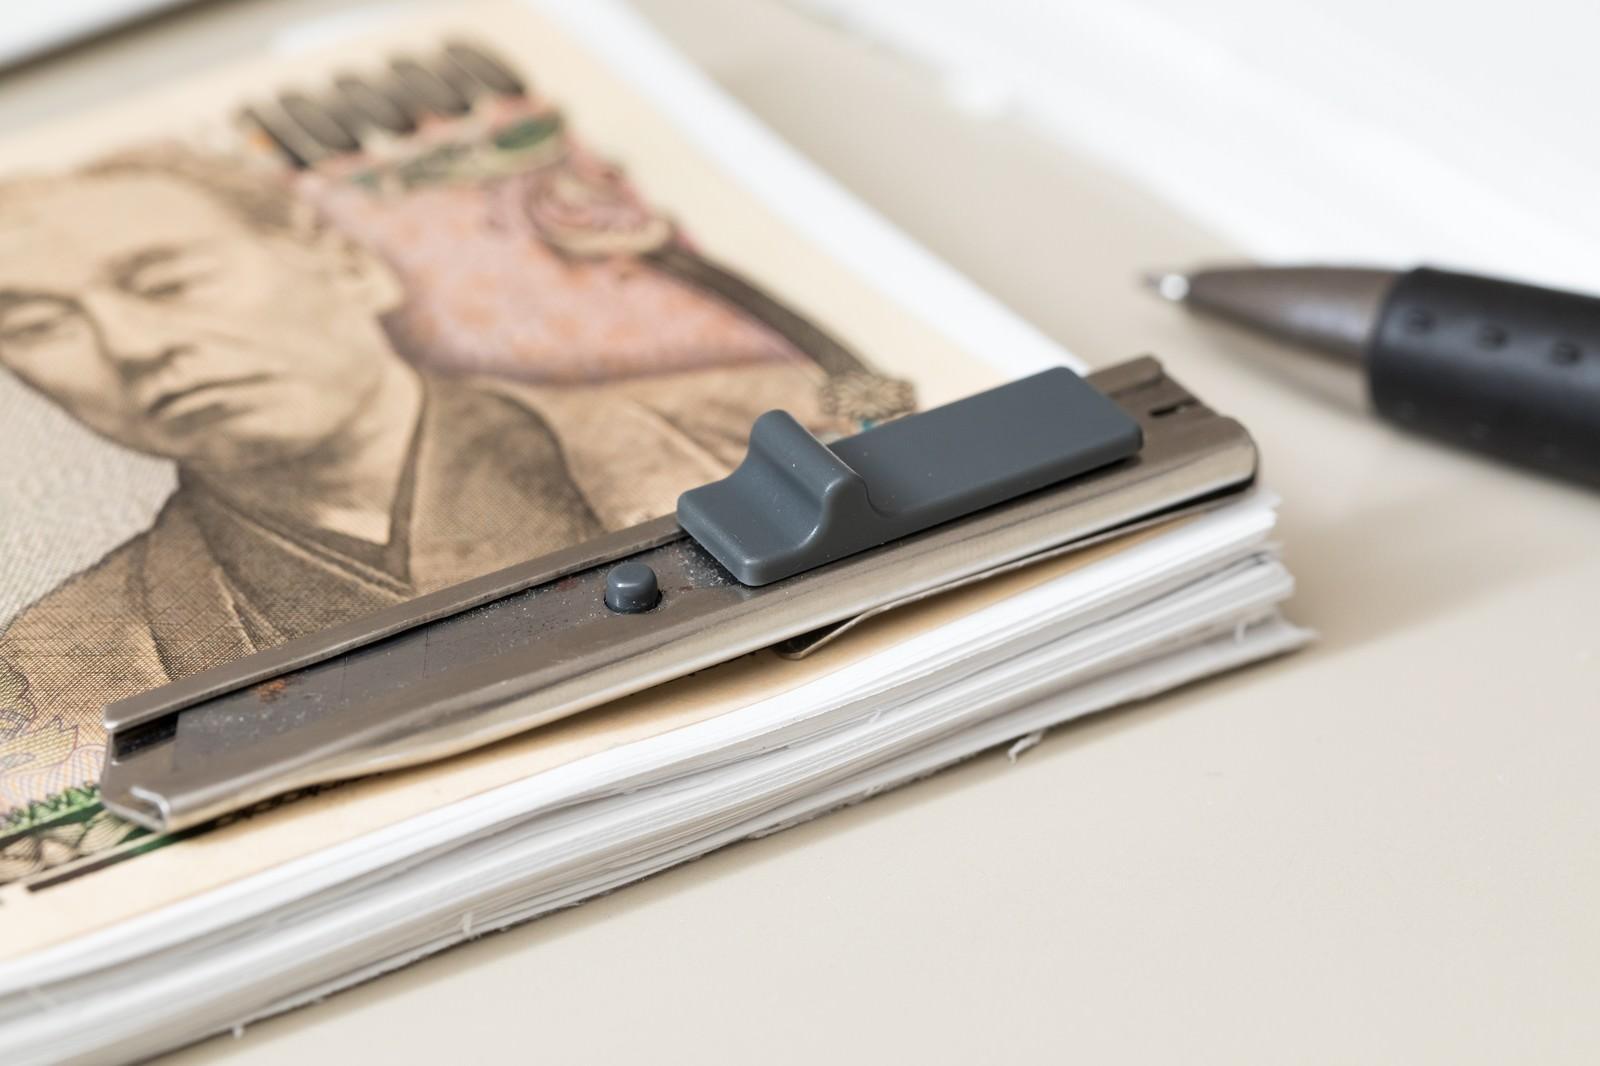 「見える部分だけ本物の紙幣(一万円)にして札束に見せる見える部分だけ本物の紙幣(一万円)にして札束に見せる」のフリー写真素材を拡大